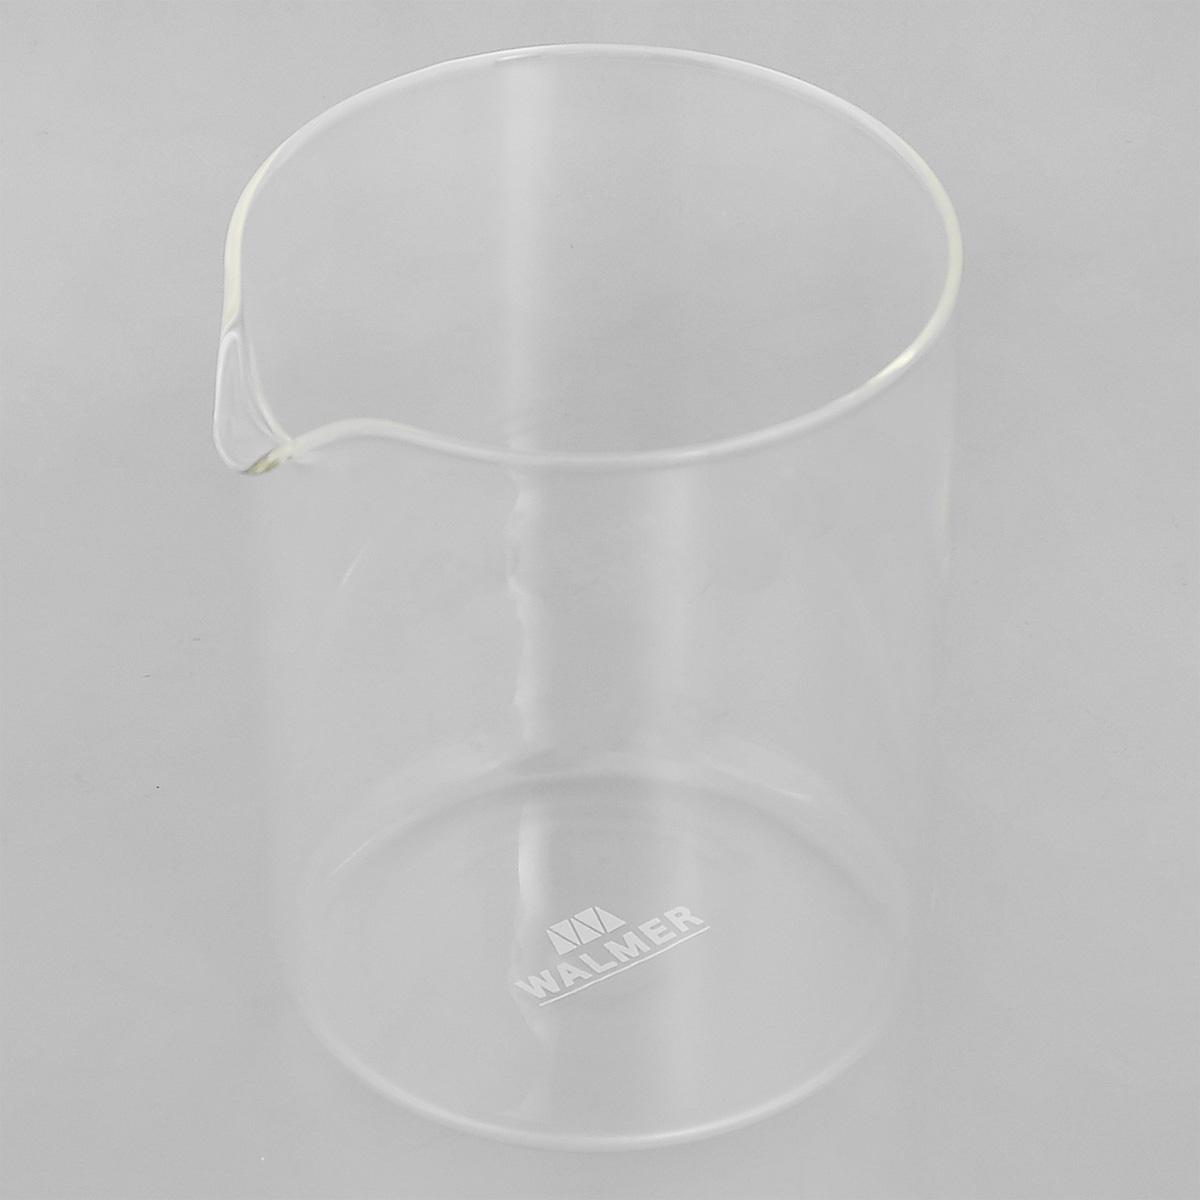 Колба для кофейников Walmer, 500 млVT-1520(SR)Колба Walmer, изготовленная из высококачественного прозрачного стекла, предназначена для кофейников и френч-прессов. Изделие прекрасно подойдет для замены старой разбитой колбы. Это сосуд, который напрямую контактирует с напитком, поэтому он должен быть выполнен из качественных материалов. Изделие выдерживает высокие температуры и не мутнеет при многократном мытье. Данная колба прослужит вам надежно и долго.Можно мыть в посудомоечной машине.Диаметр: 9,5 см.Высота: 12,5 см.Объем: 500 мл.